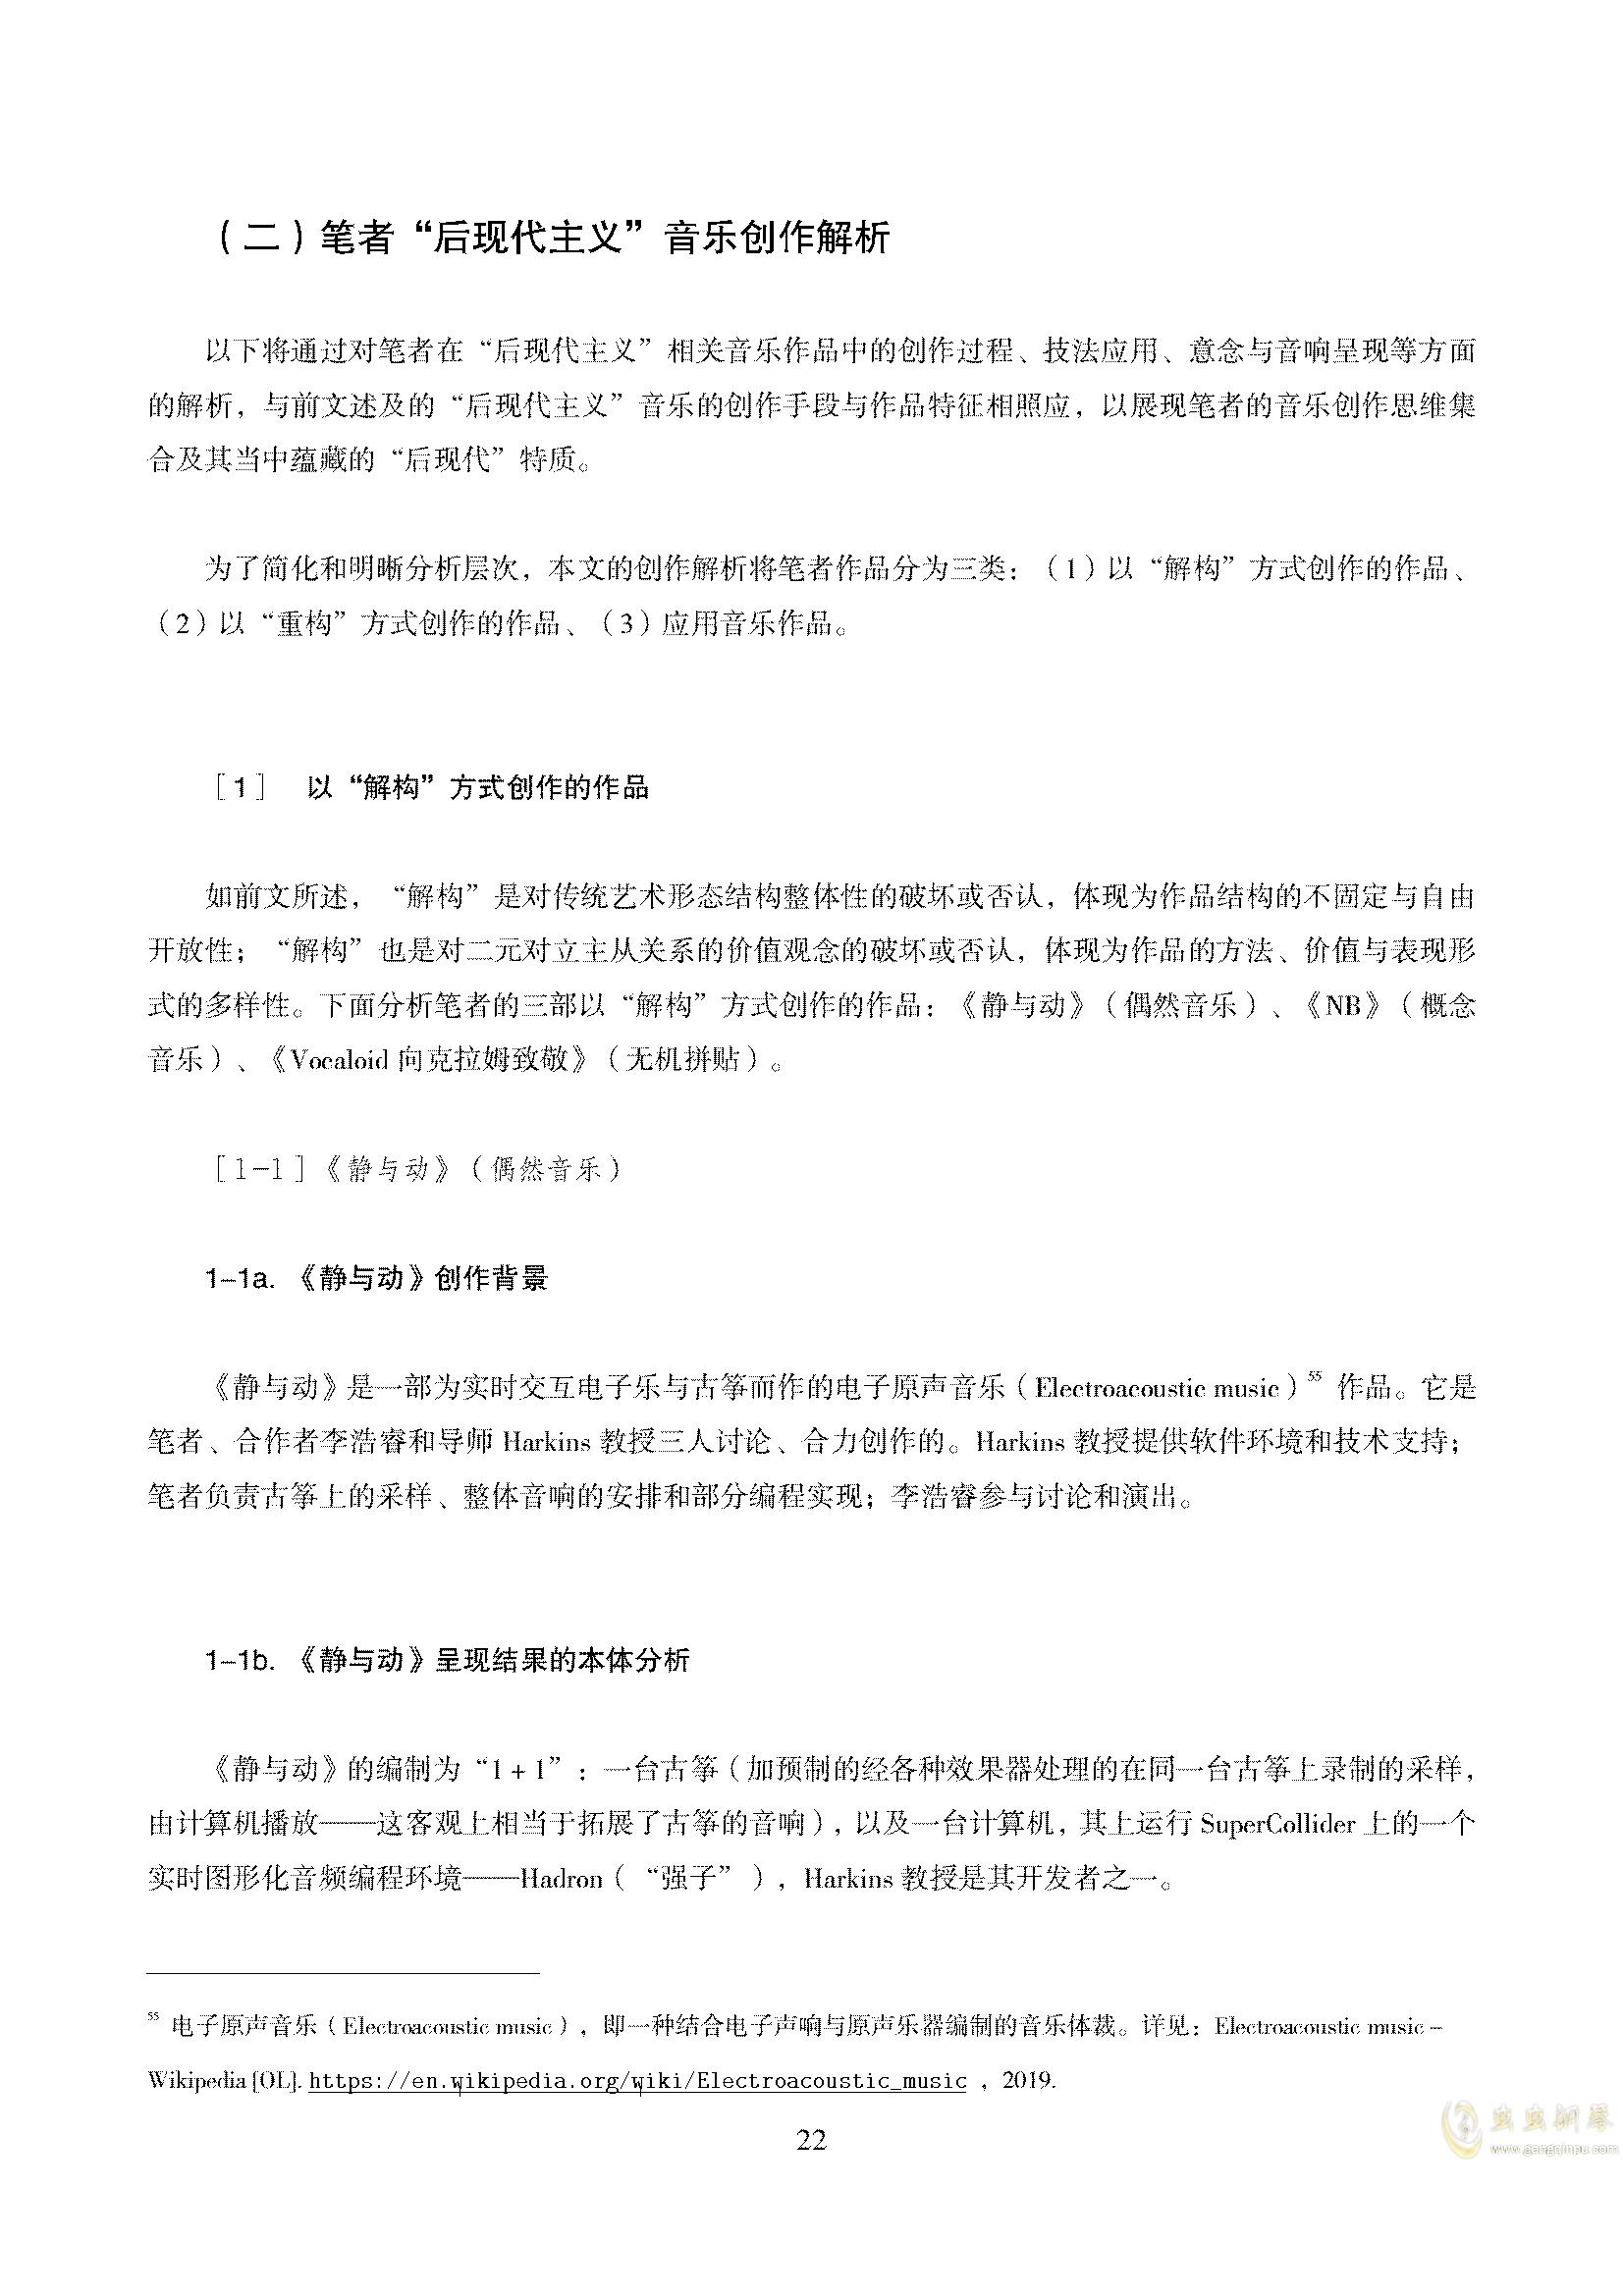 真·硕士论文ag88环亚娱乐谱 第26页